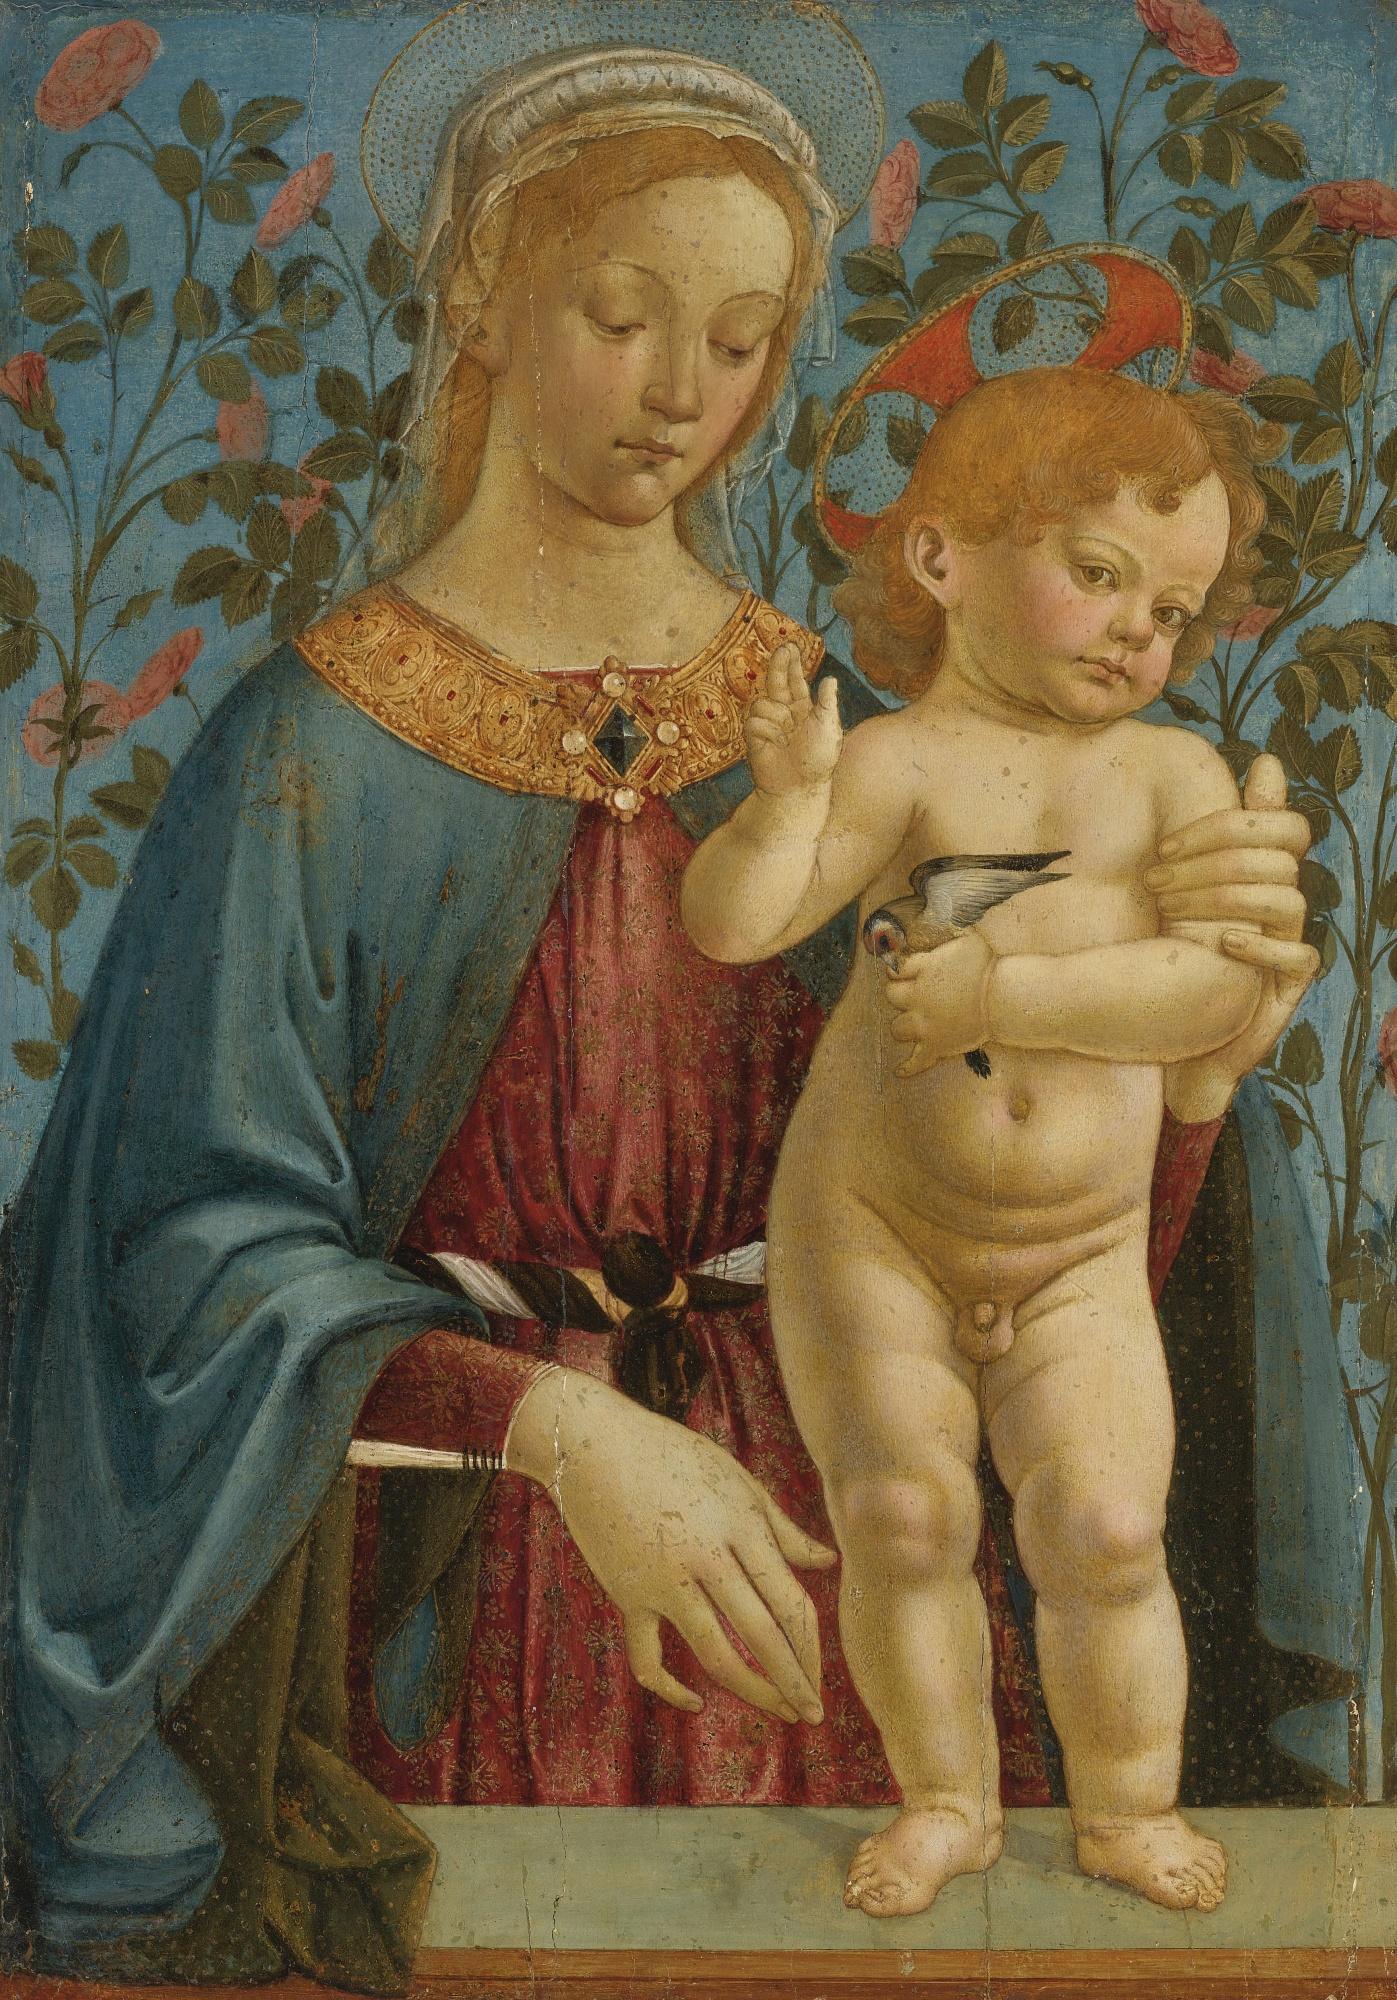 Taller de Verrocchio. Madonna y el niño descansando.